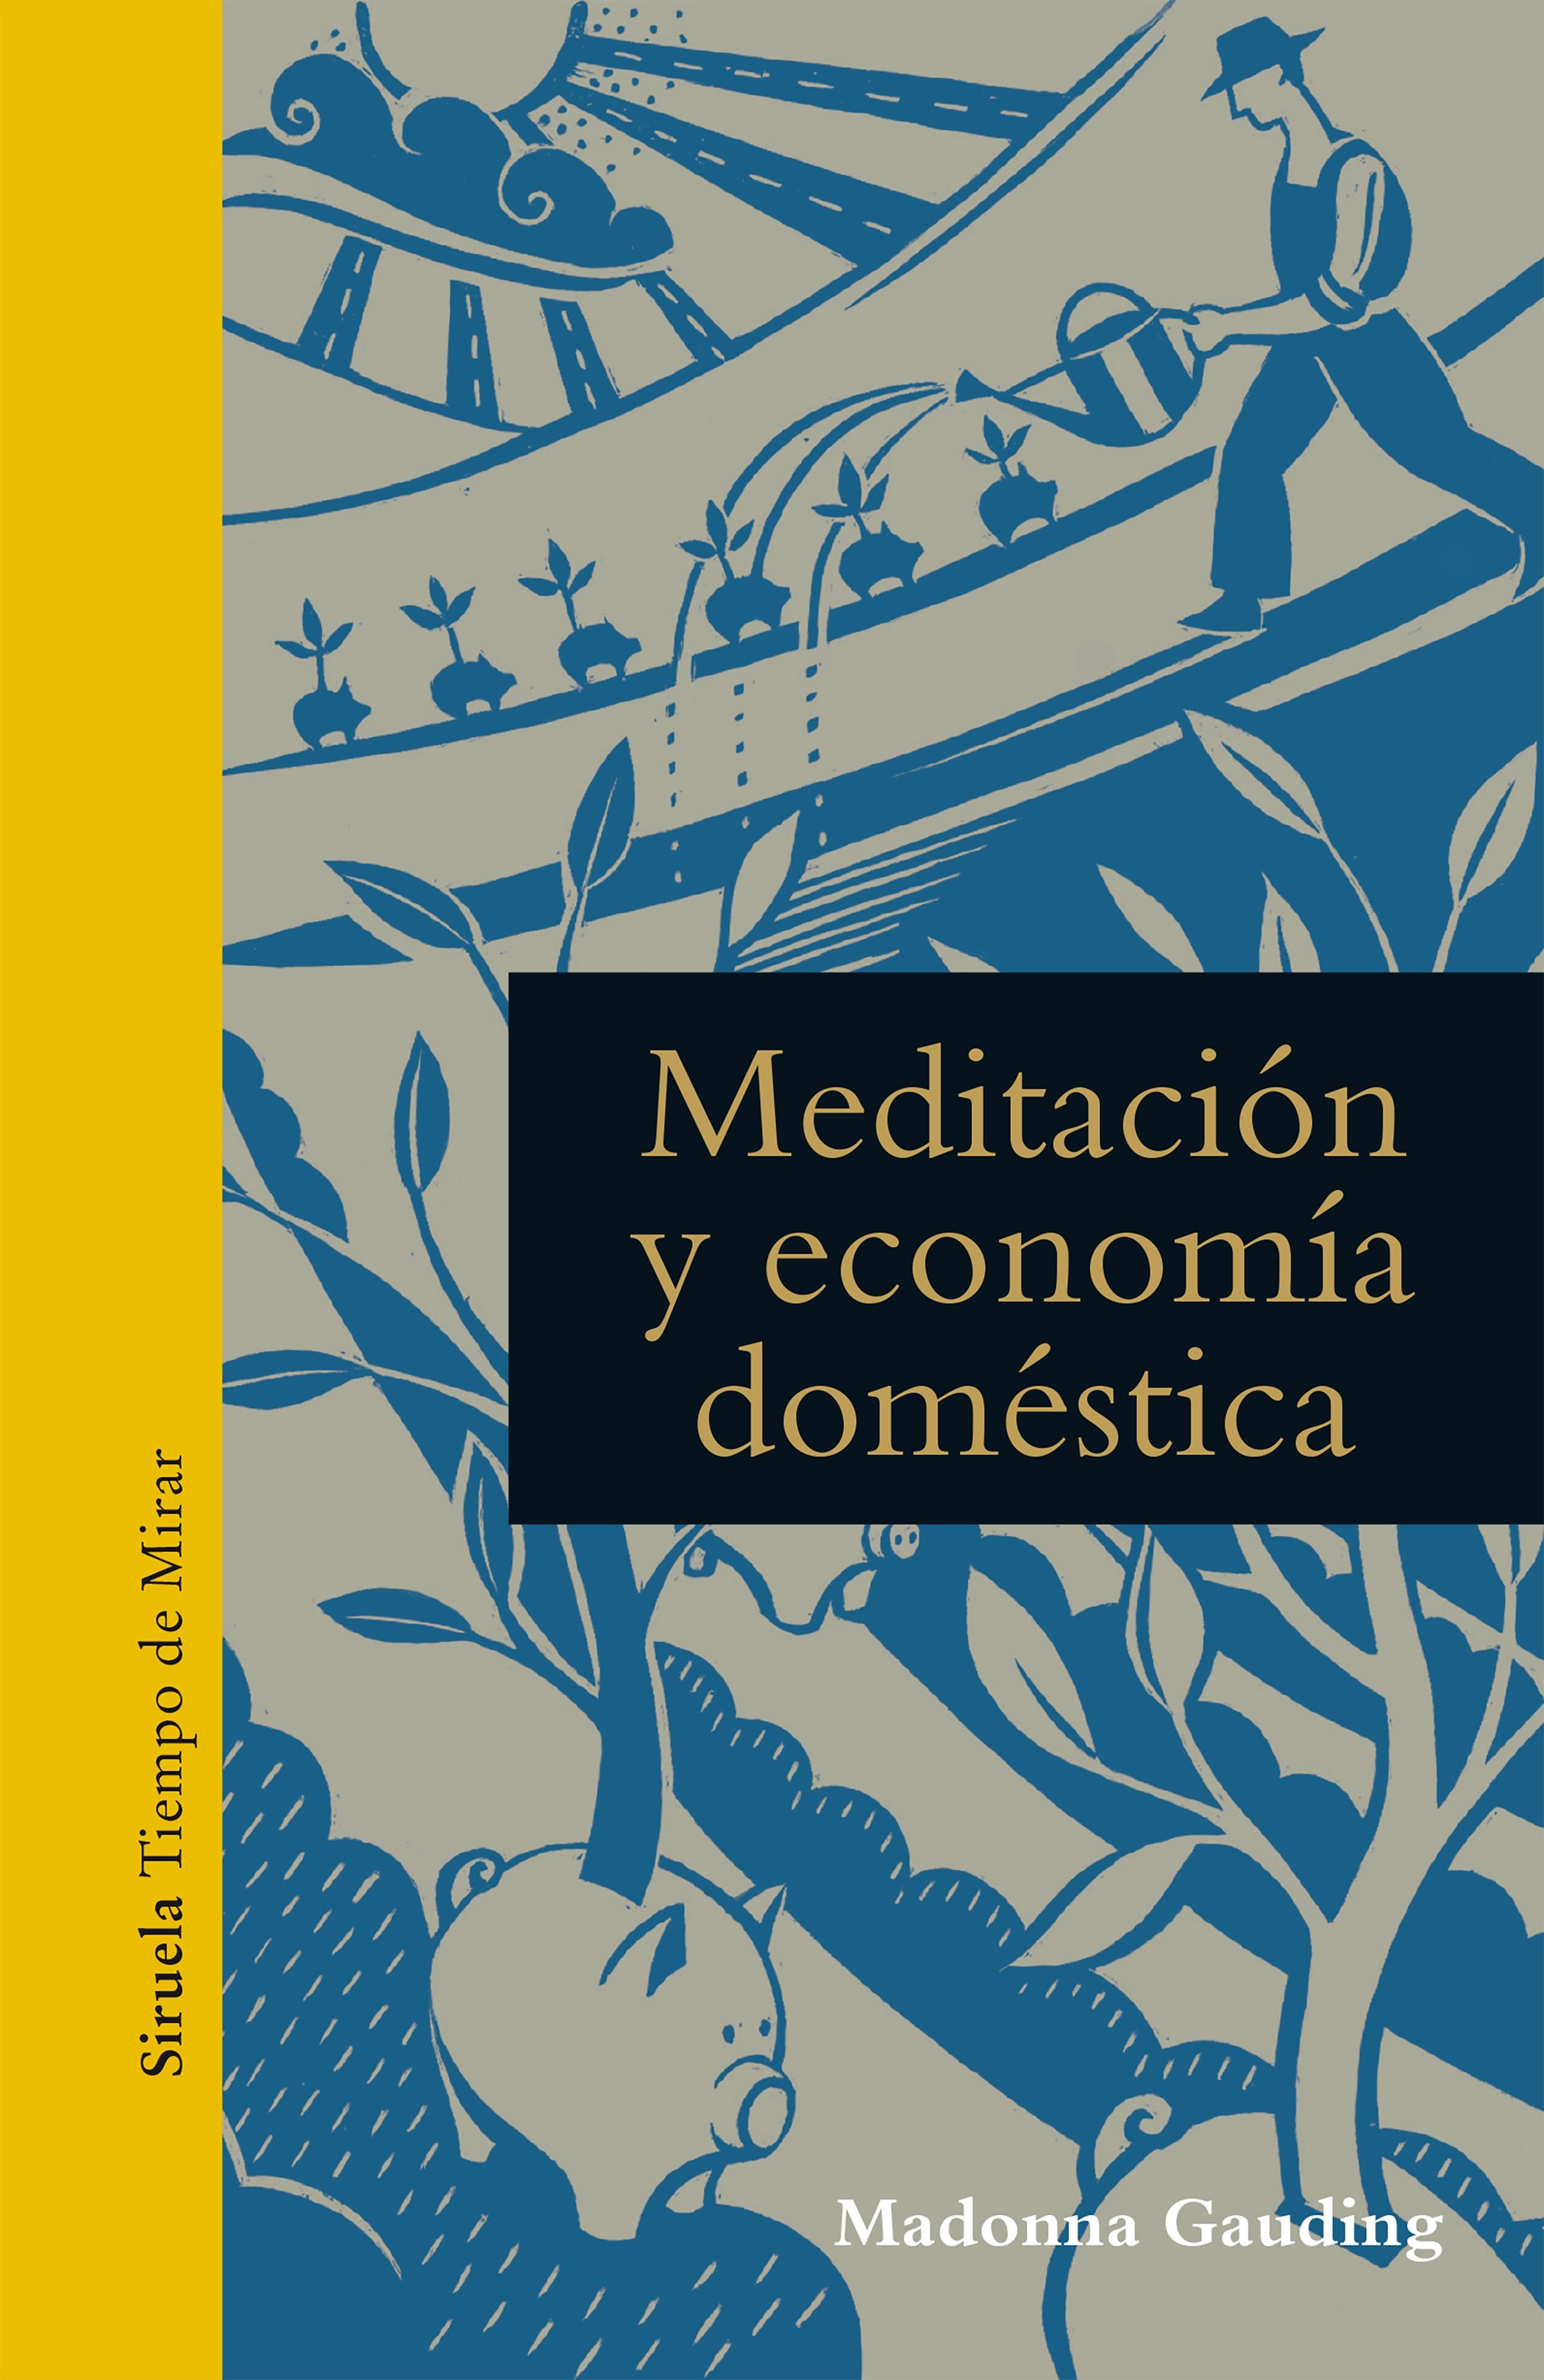 Meditación y economía doméstica